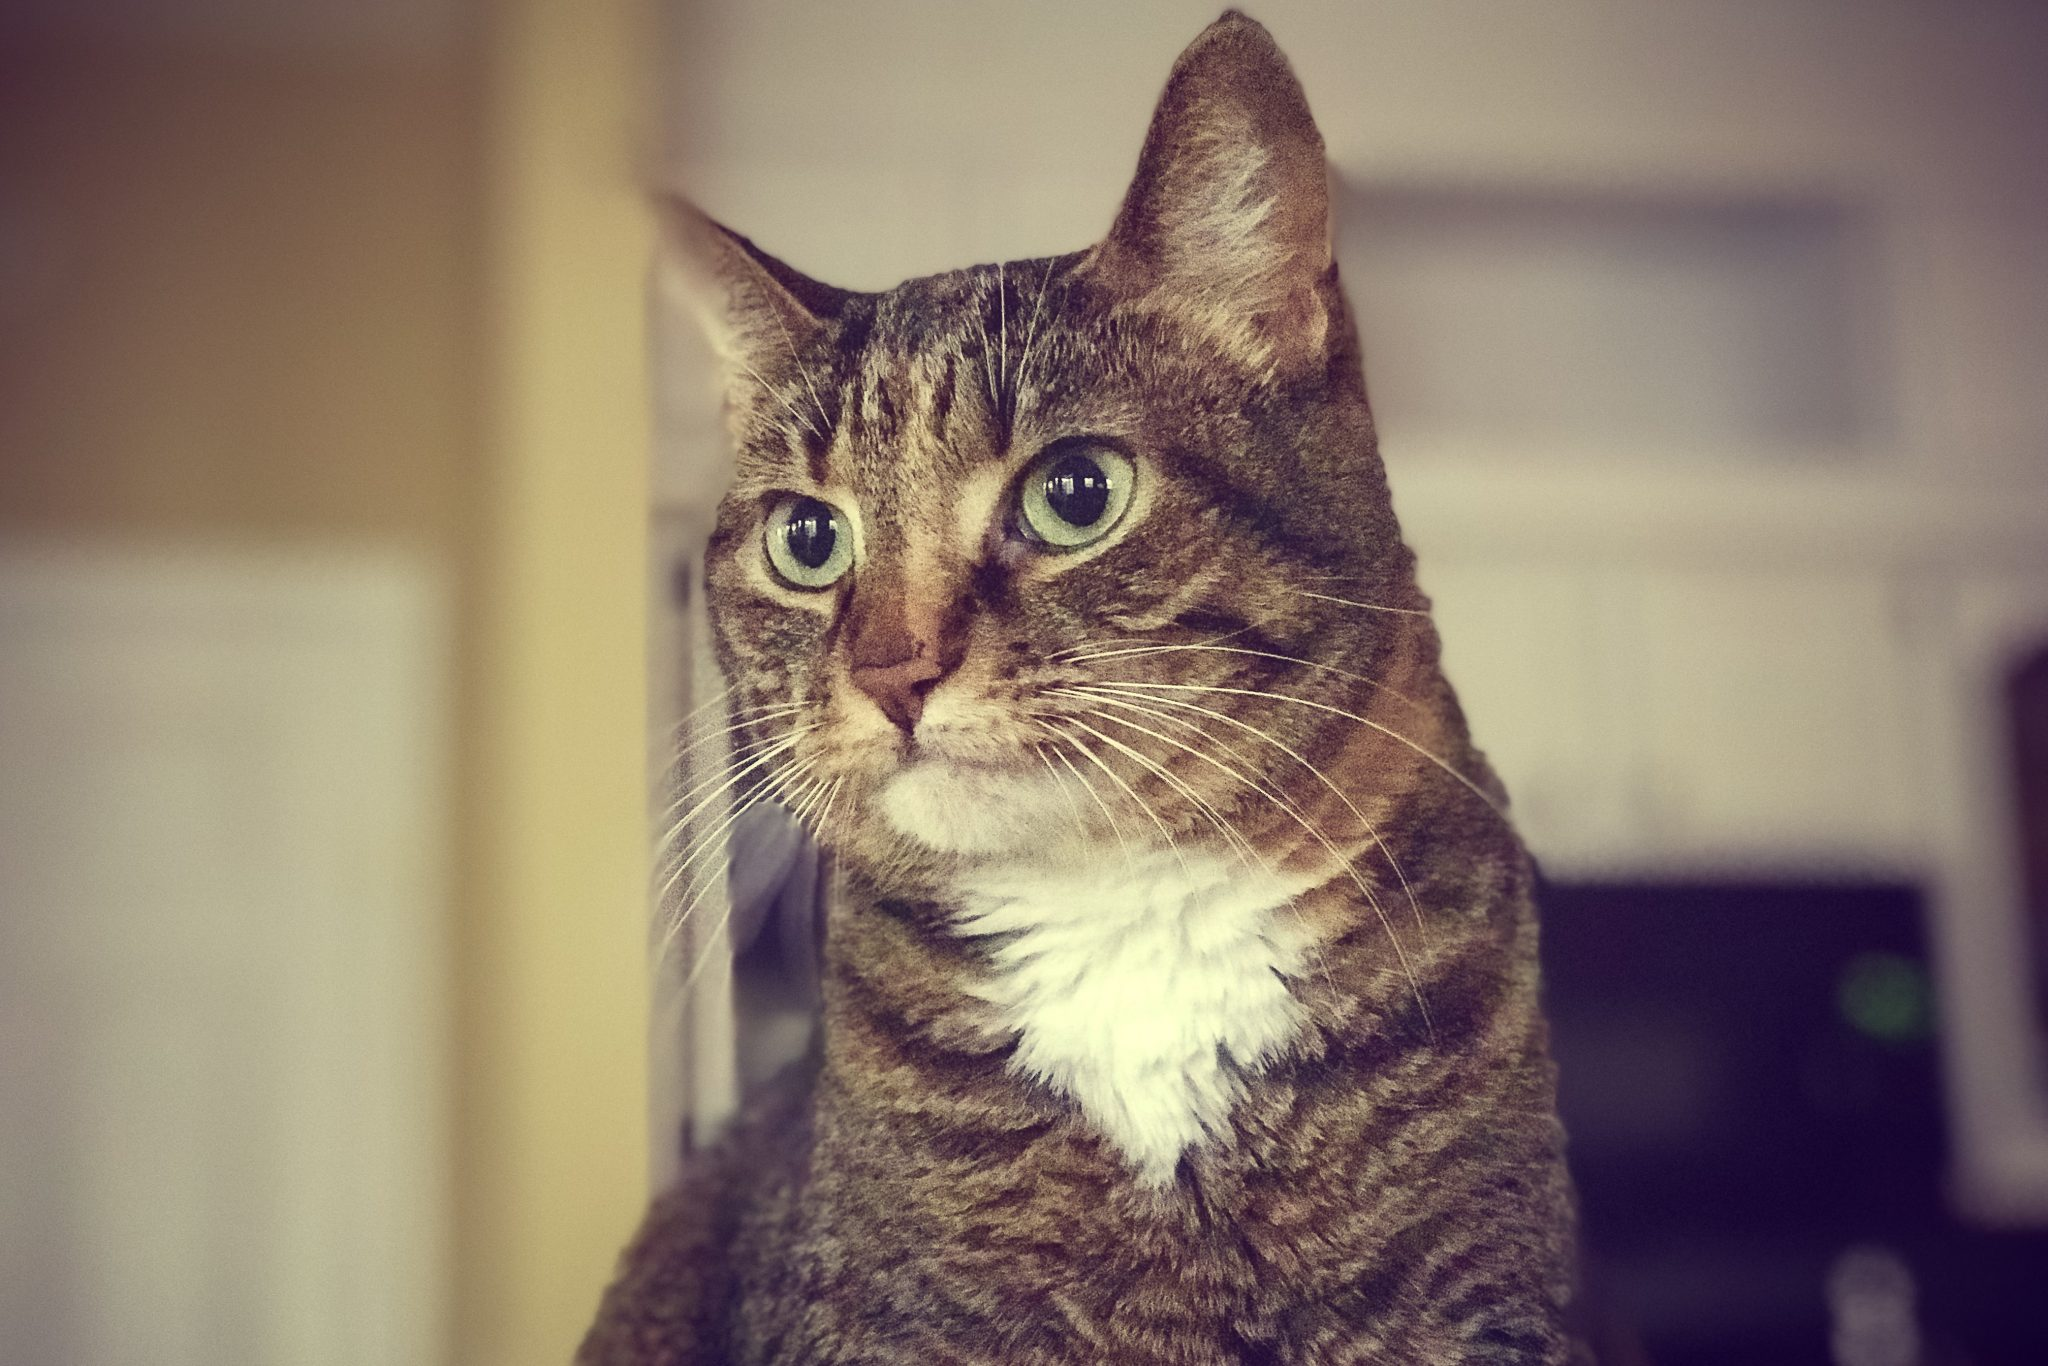 慢性腎臓病の猫にプロトンポンプ阻害薬を使用することは腎臓病の進行につながるのか?